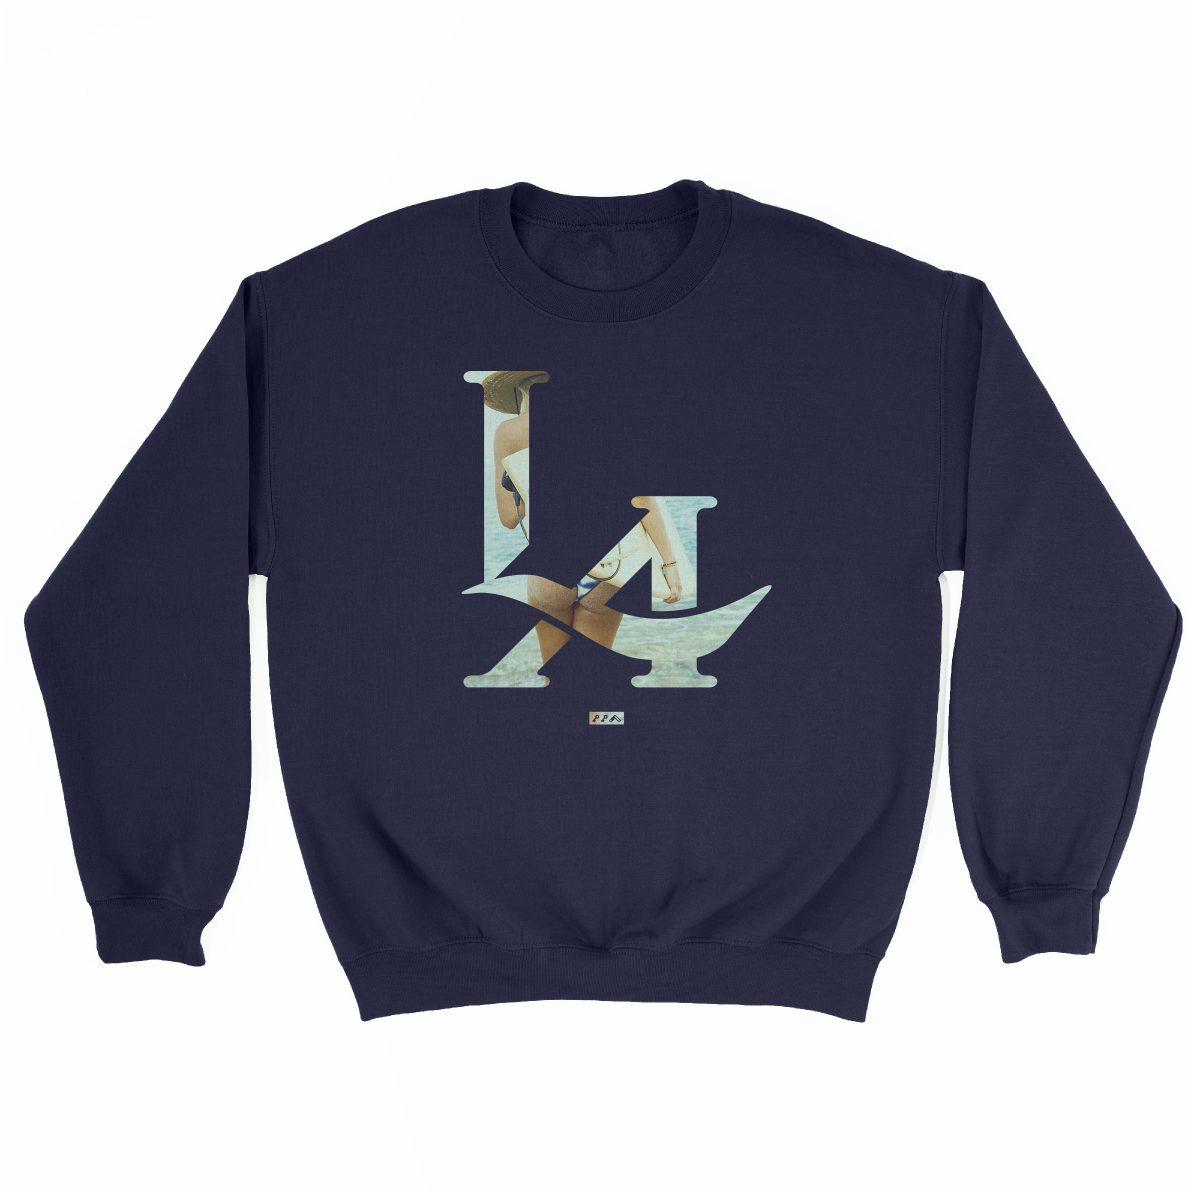 LA logo los angeles surfs up bikini ass beach sweatshirt in navy at kikicutt.com